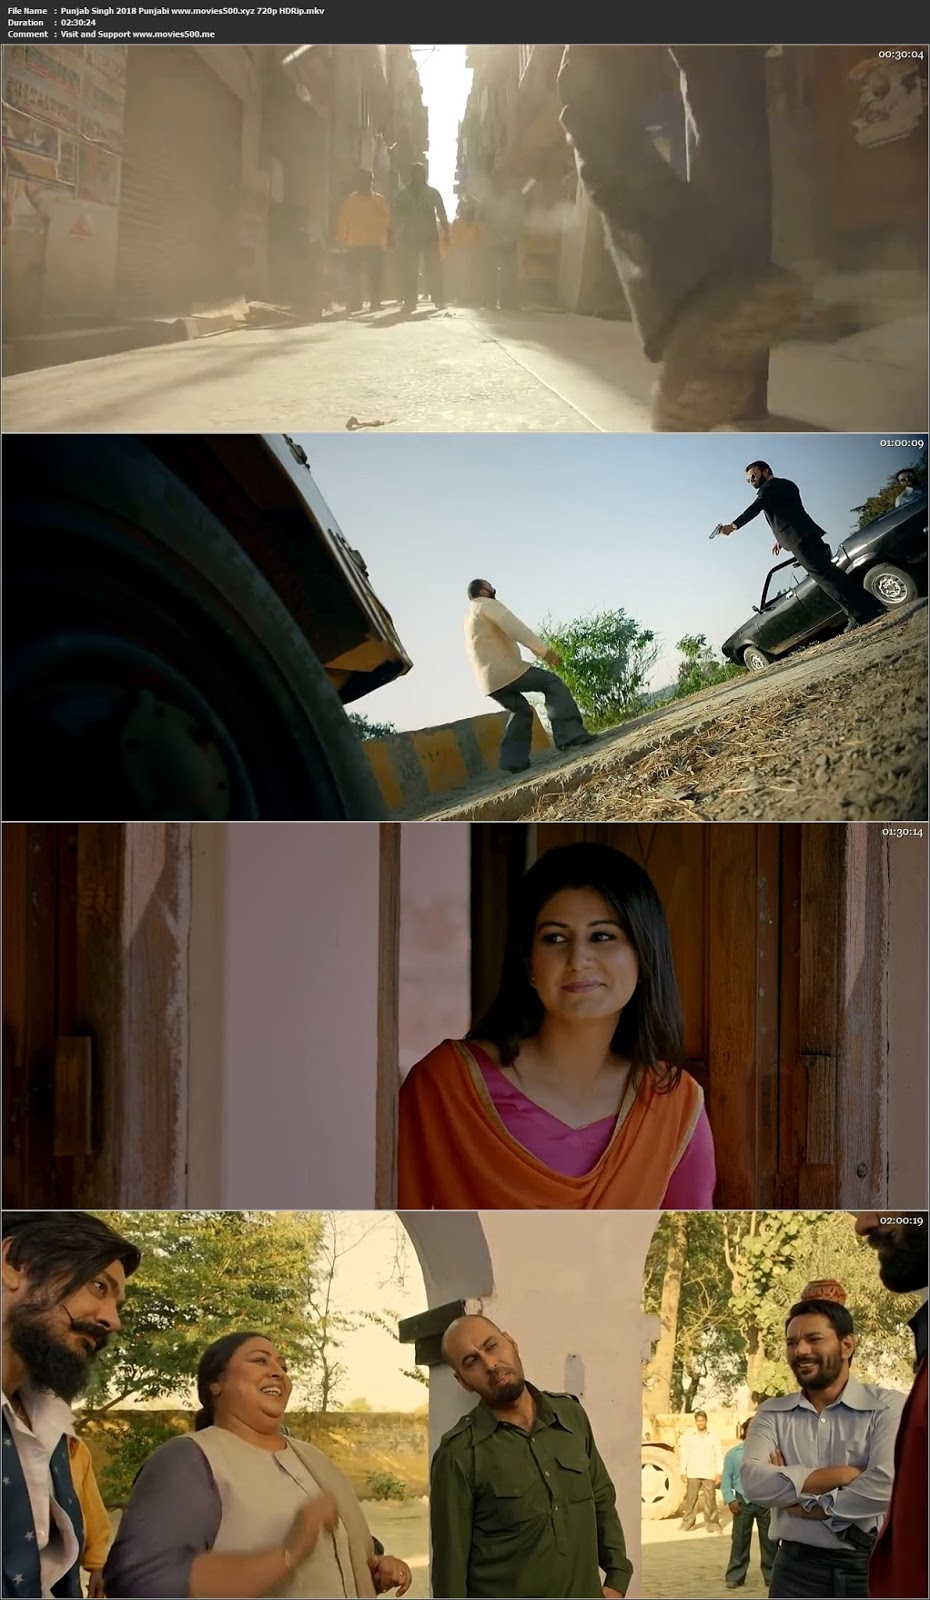 Punjab Singh 2018 Punjabi Full Movie HDRip 720p at mualfa.net